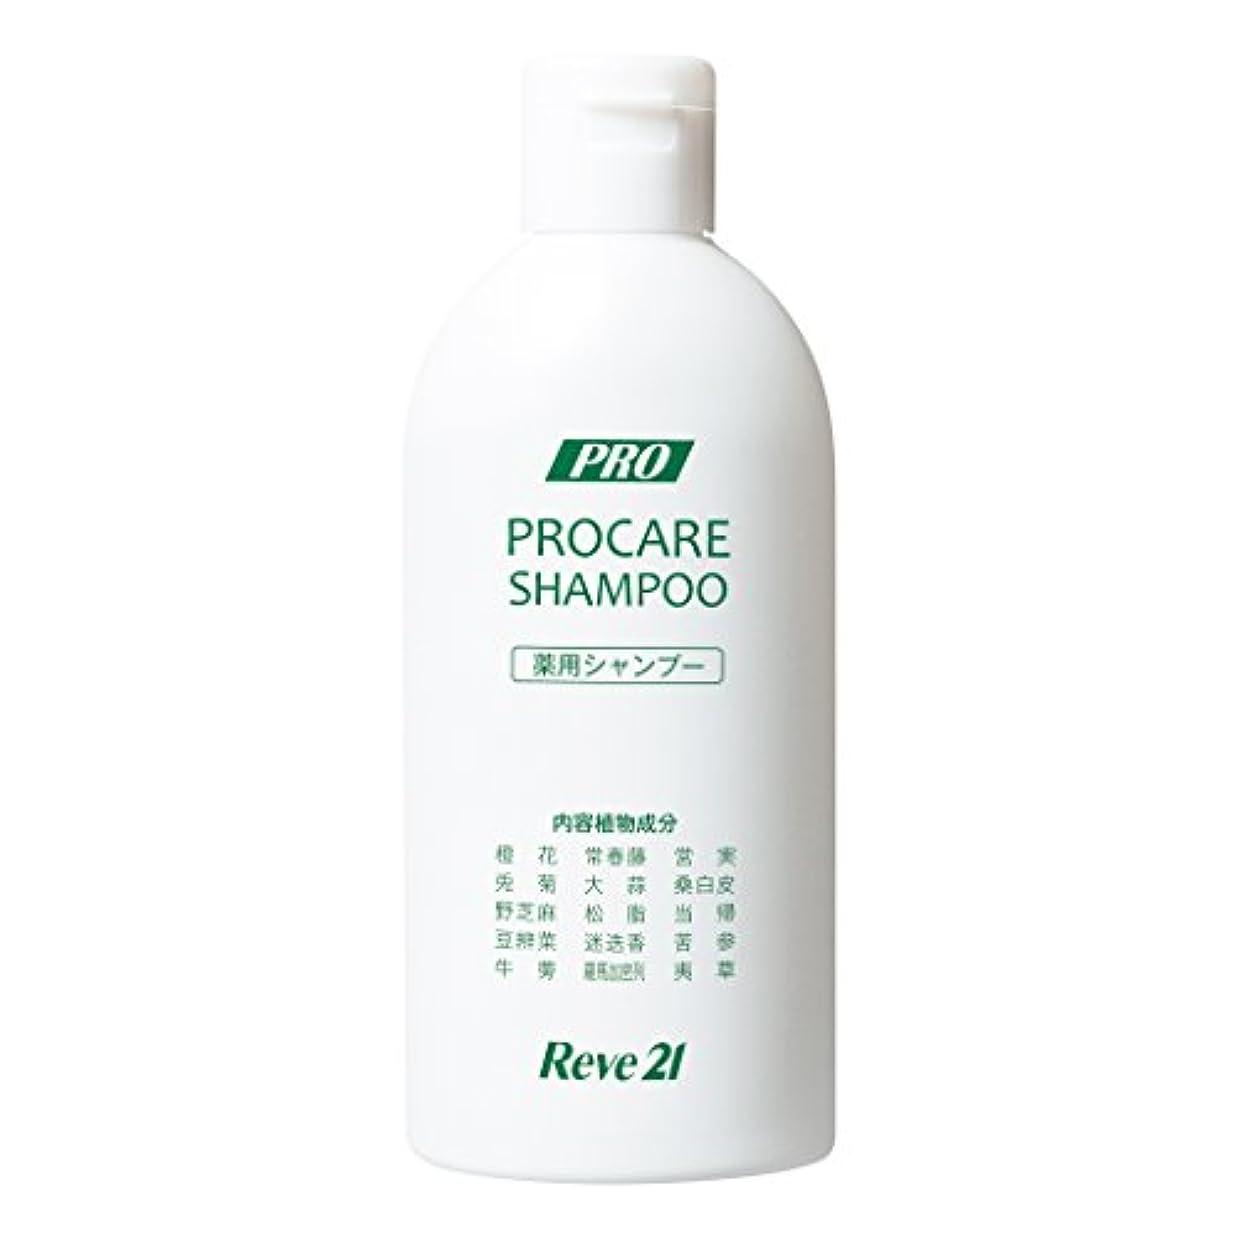 運命的なあからさま再発するリーブ21 薬用プロケアシャンプー 200ml[医薬部外品] 育毛 発毛 育毛シャンプー